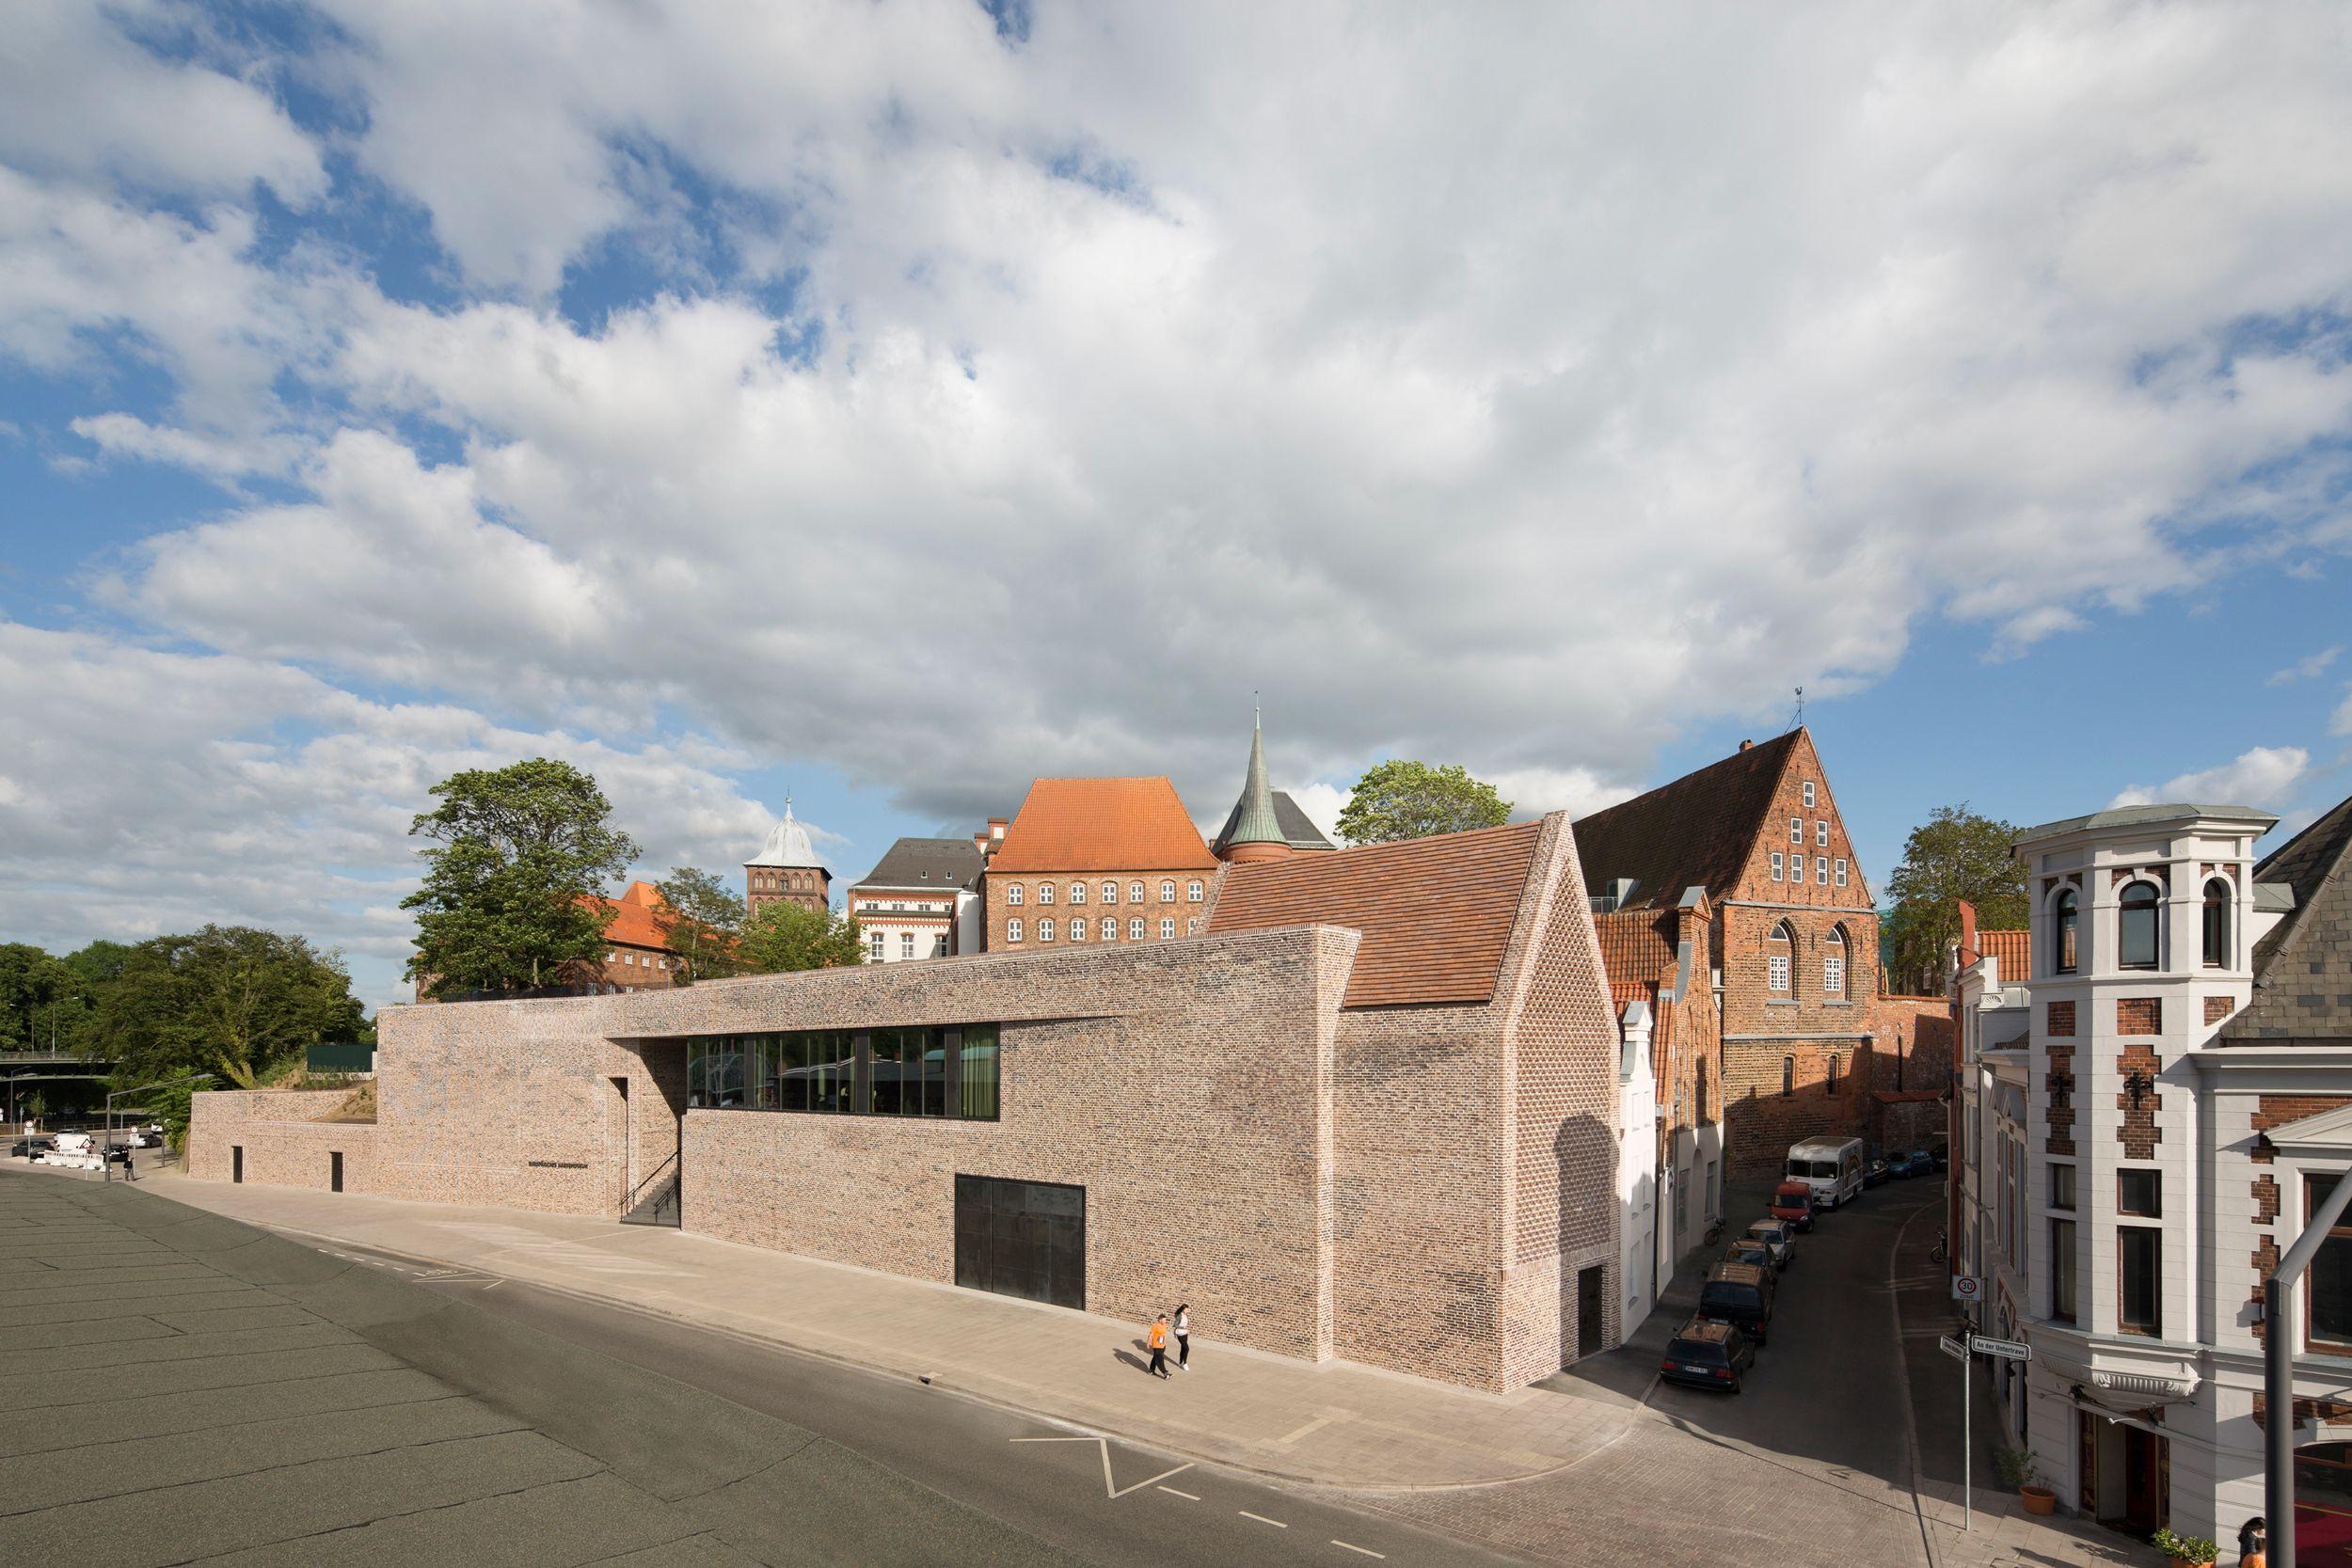 Architekten Lübeck komforttoilette fast per and play lübeck werner und andreas